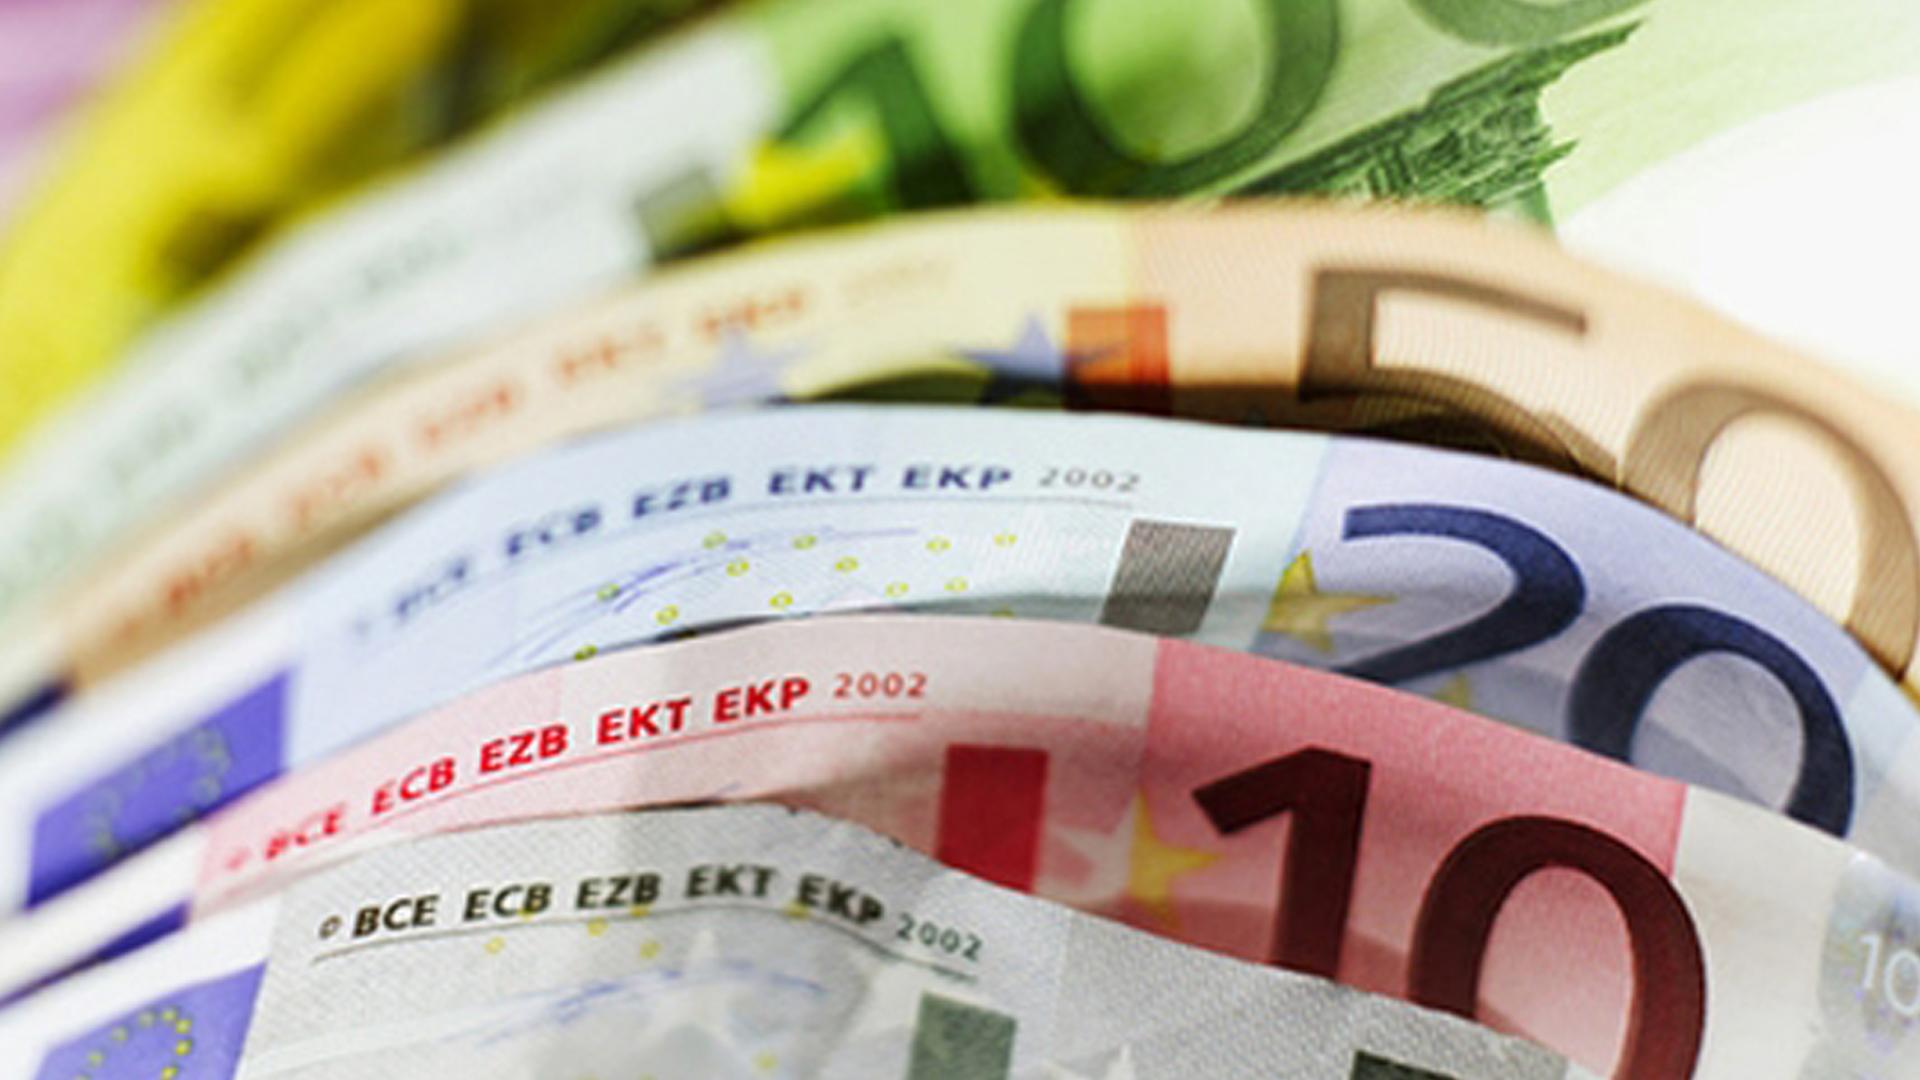 Salário mínimo subiu para 635 euros, mais 31 euros